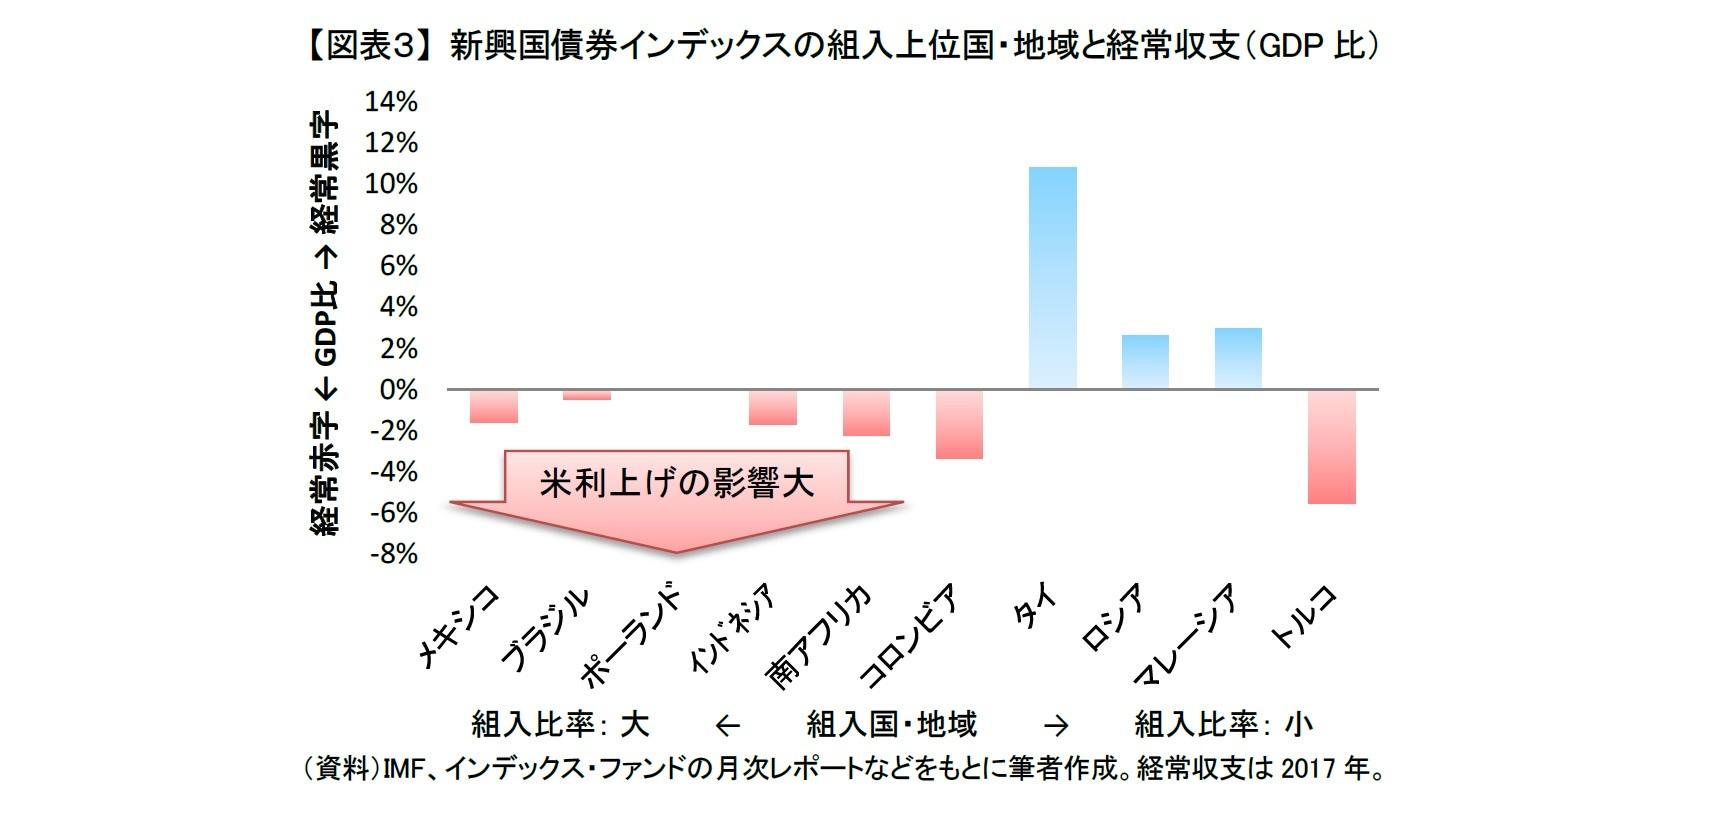 【図表3】 新興国債券インデックスの組入上位国・地域と経常収支(GDP比)